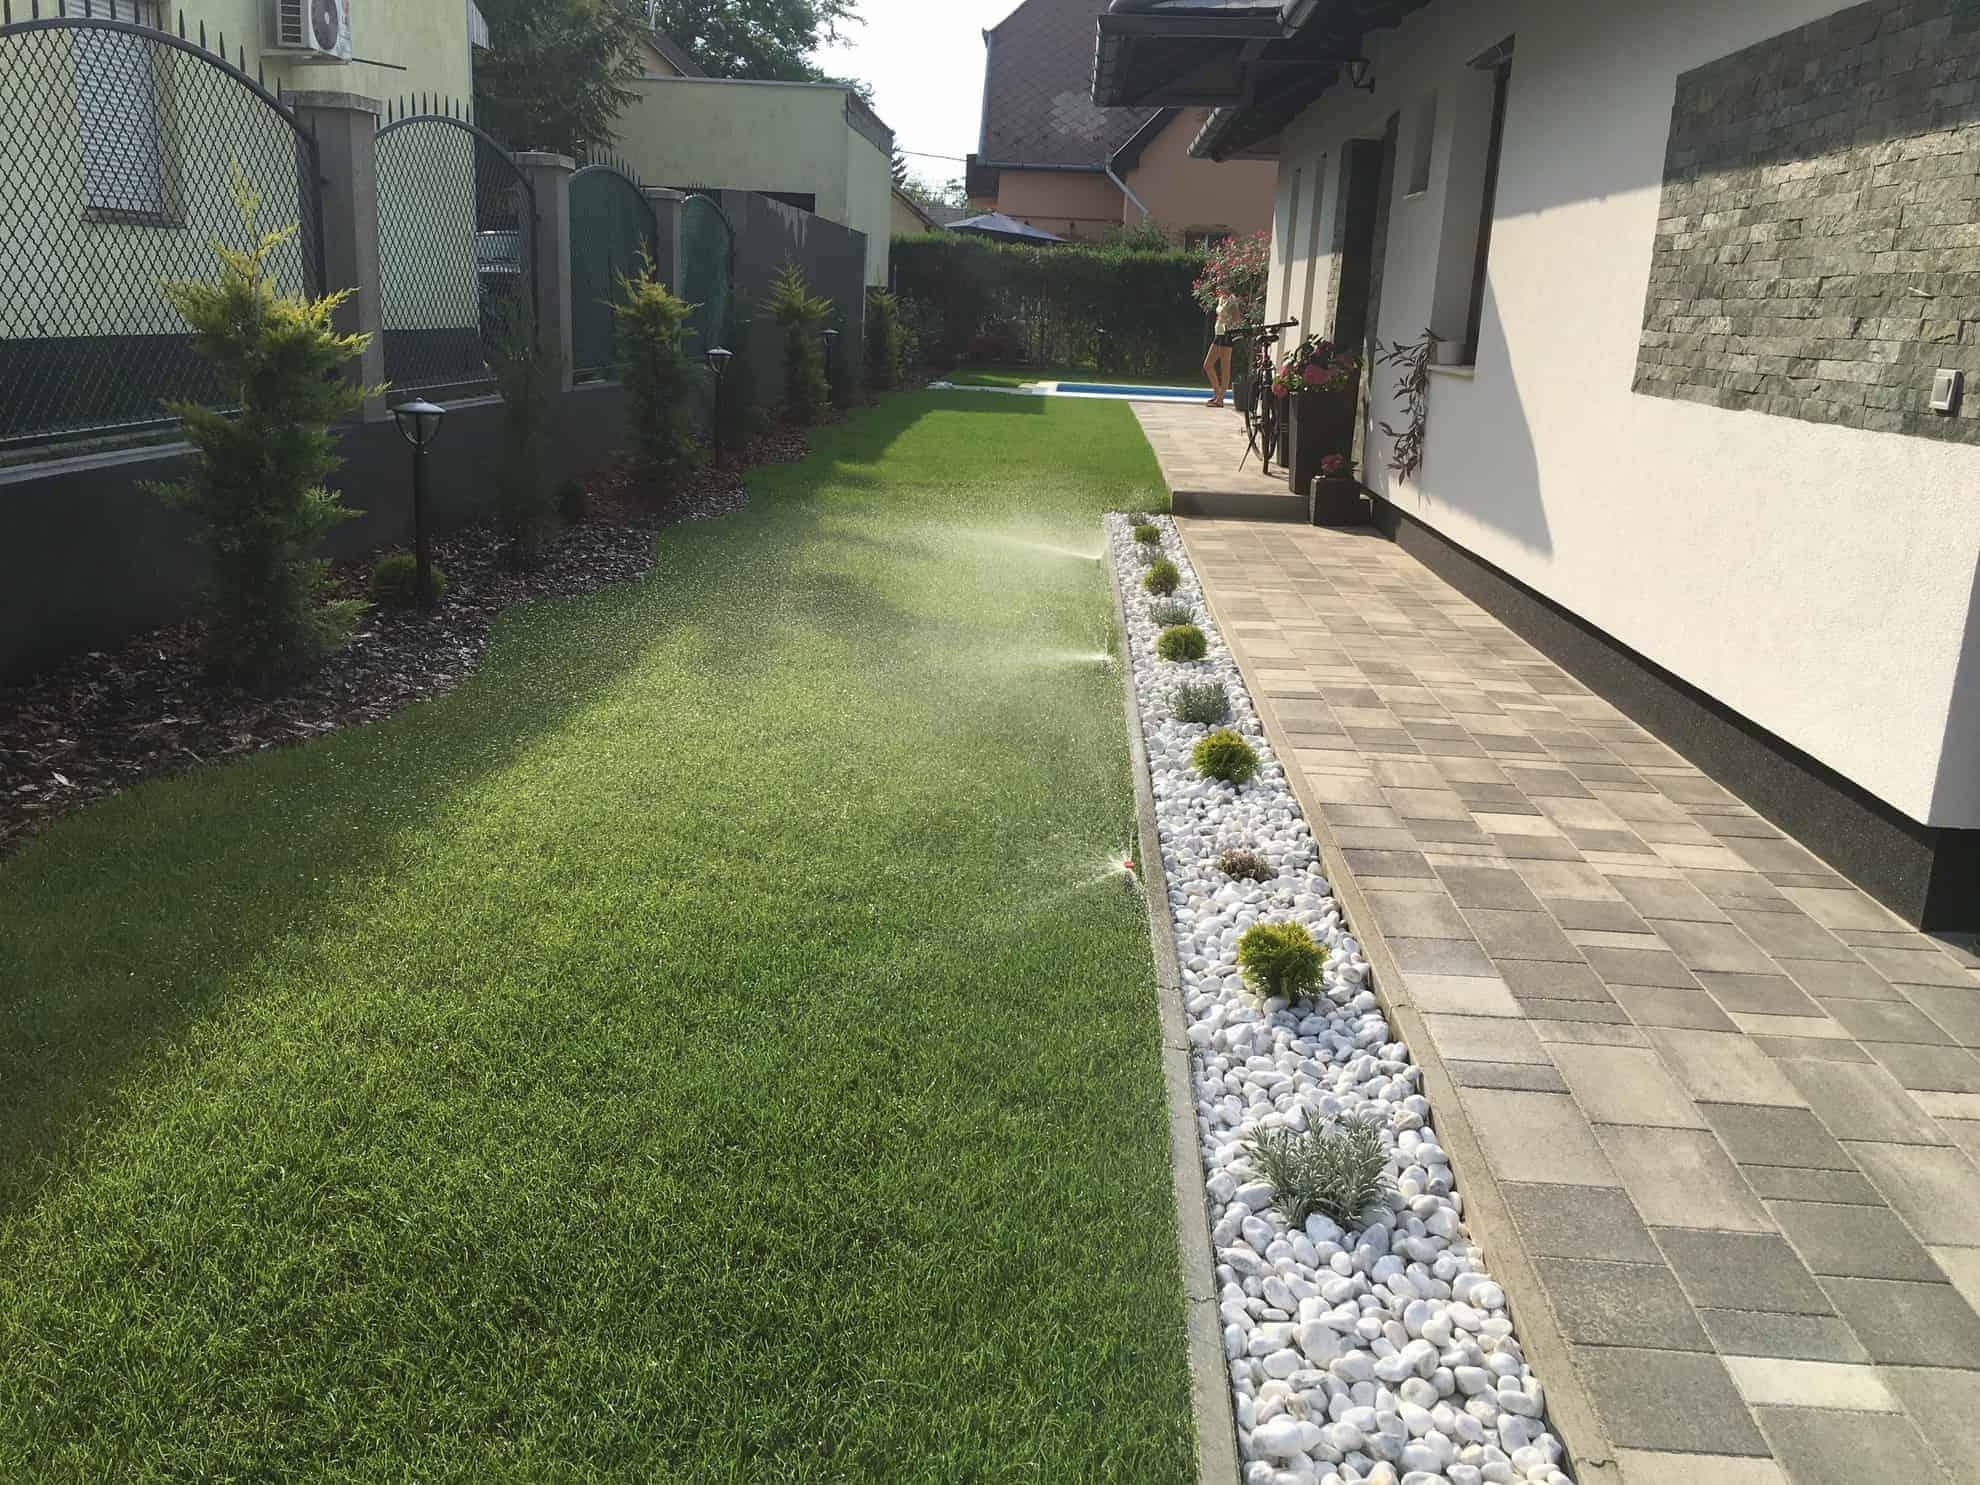 Gyepszőnyeges kert, fehér kavicságyással